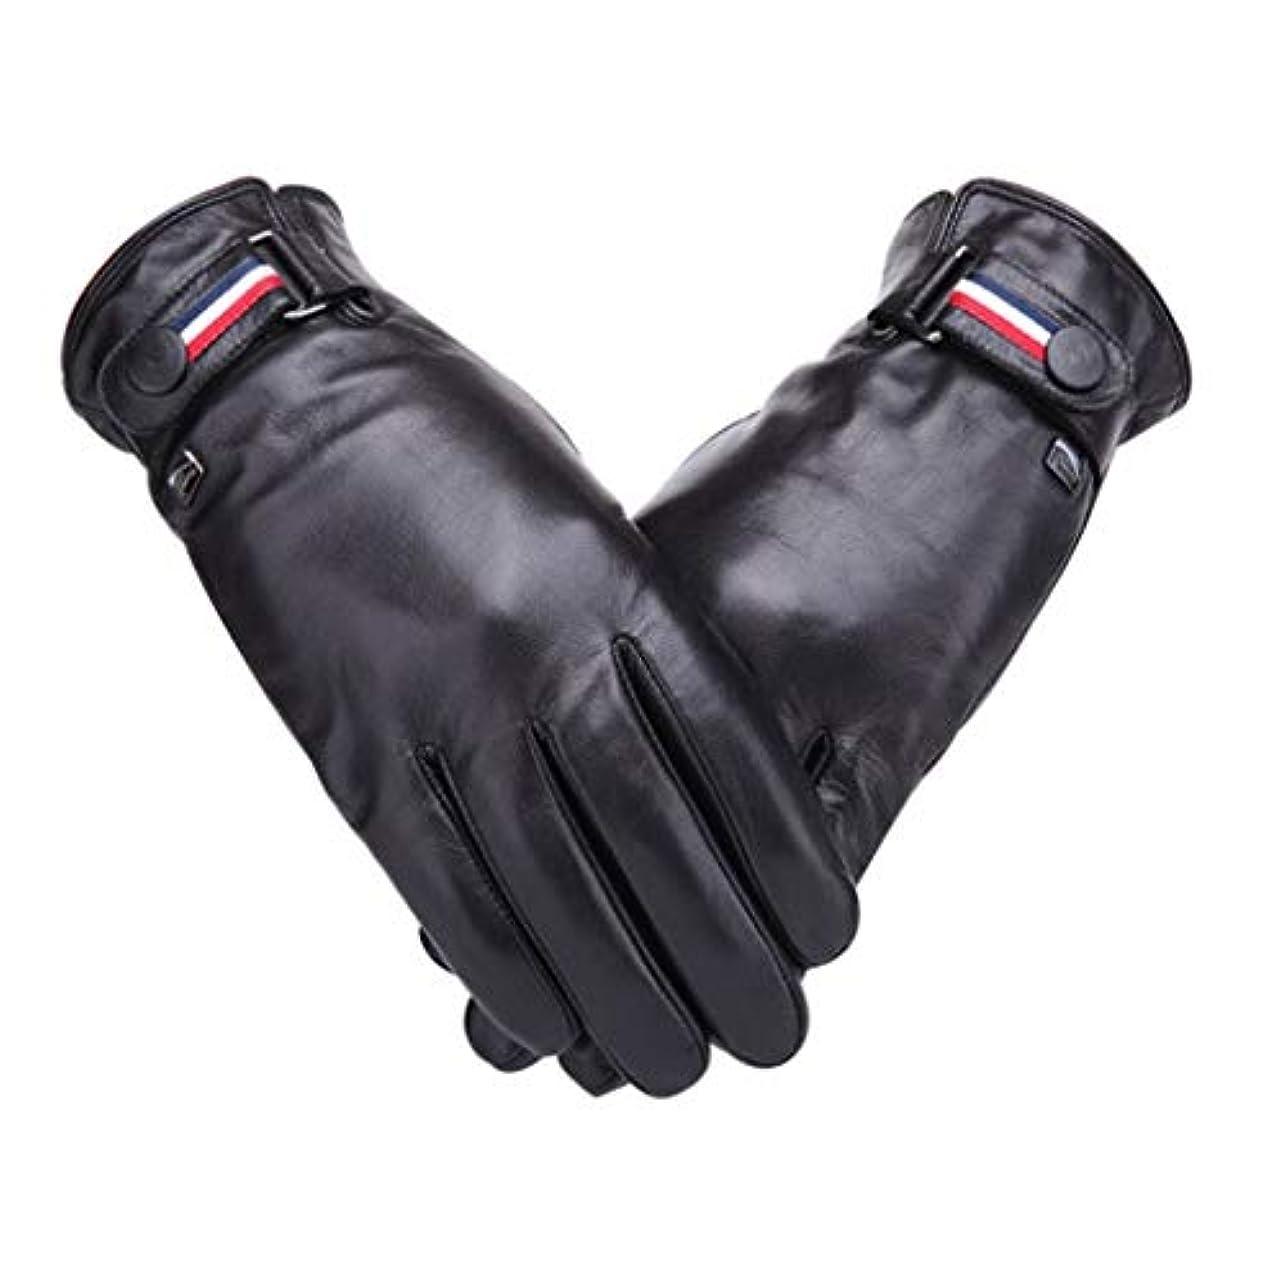 春無視カヌー羊皮の手袋の男性秋と冬のサイクリングwindproof暖かいプラスベルベットの肥厚の男性の手袋